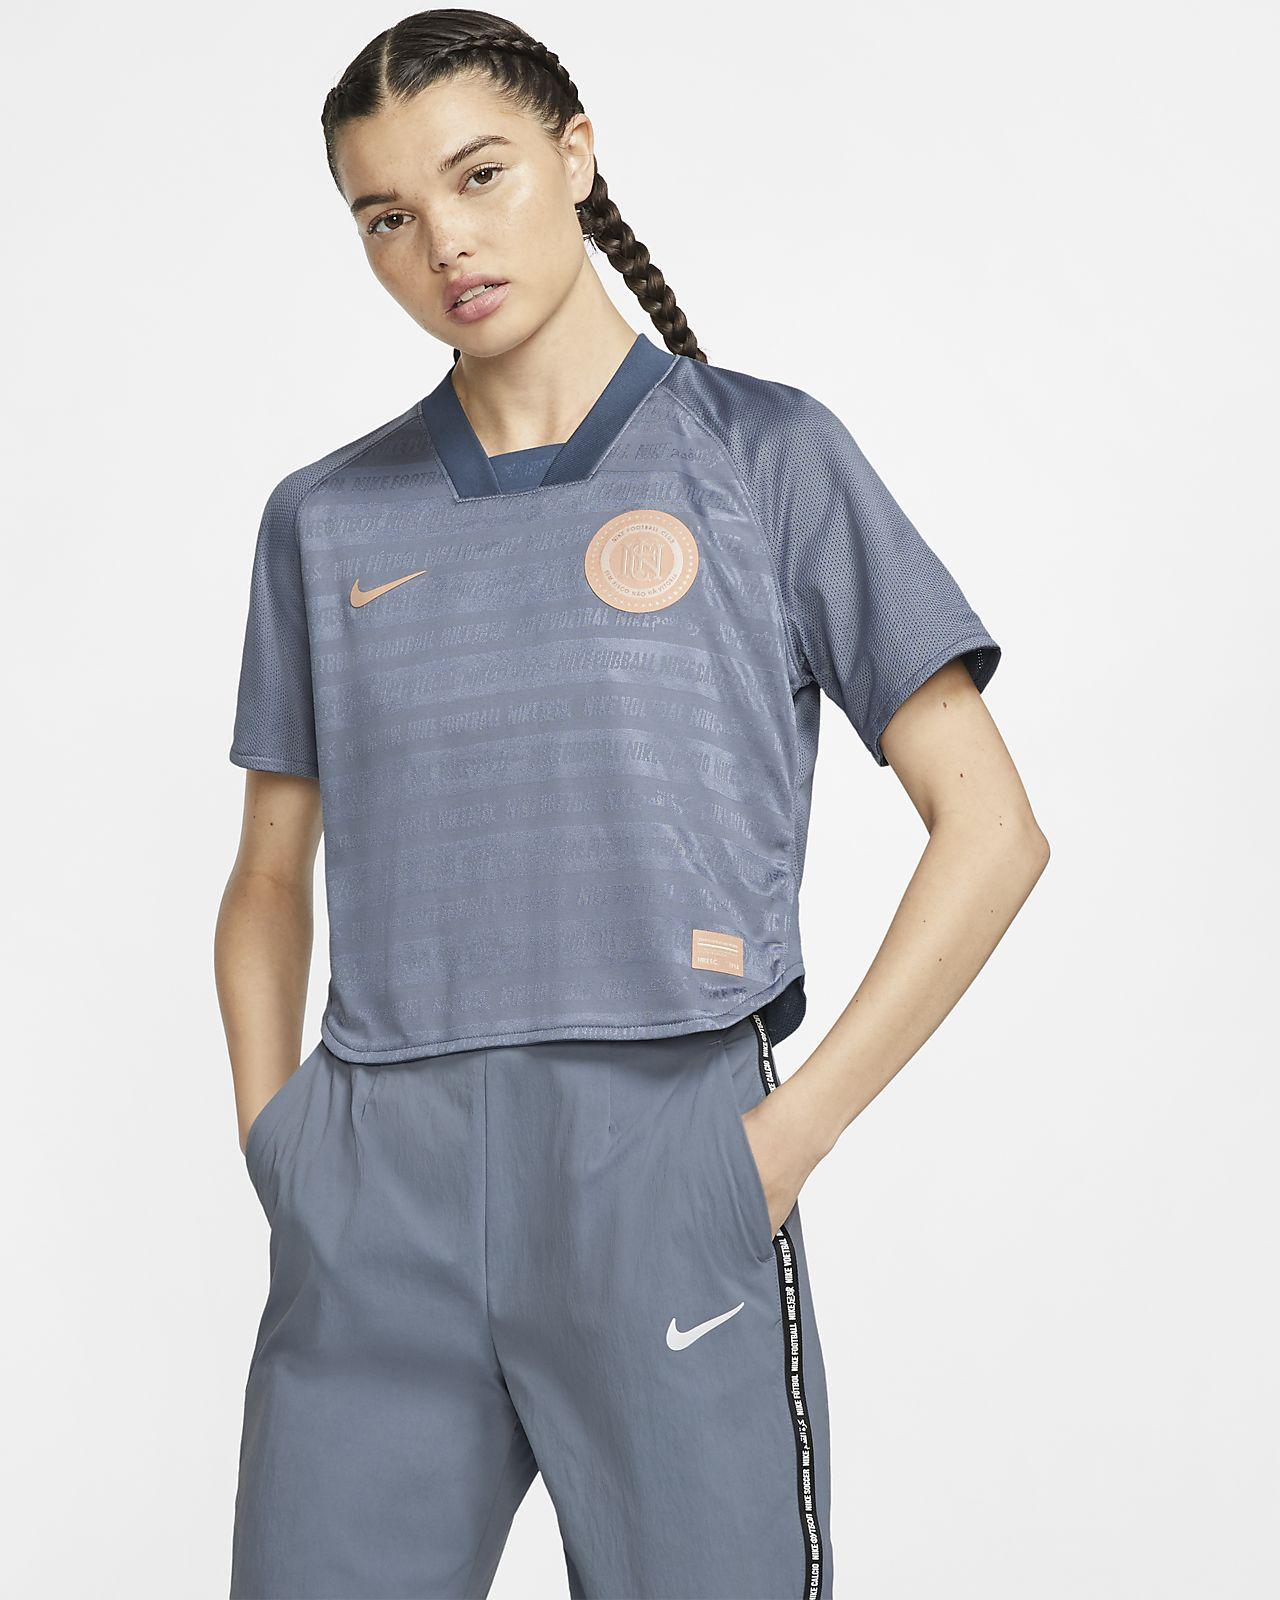 Maglia da calcio a manica corta Nike F.C. Dri-FIT - Donna